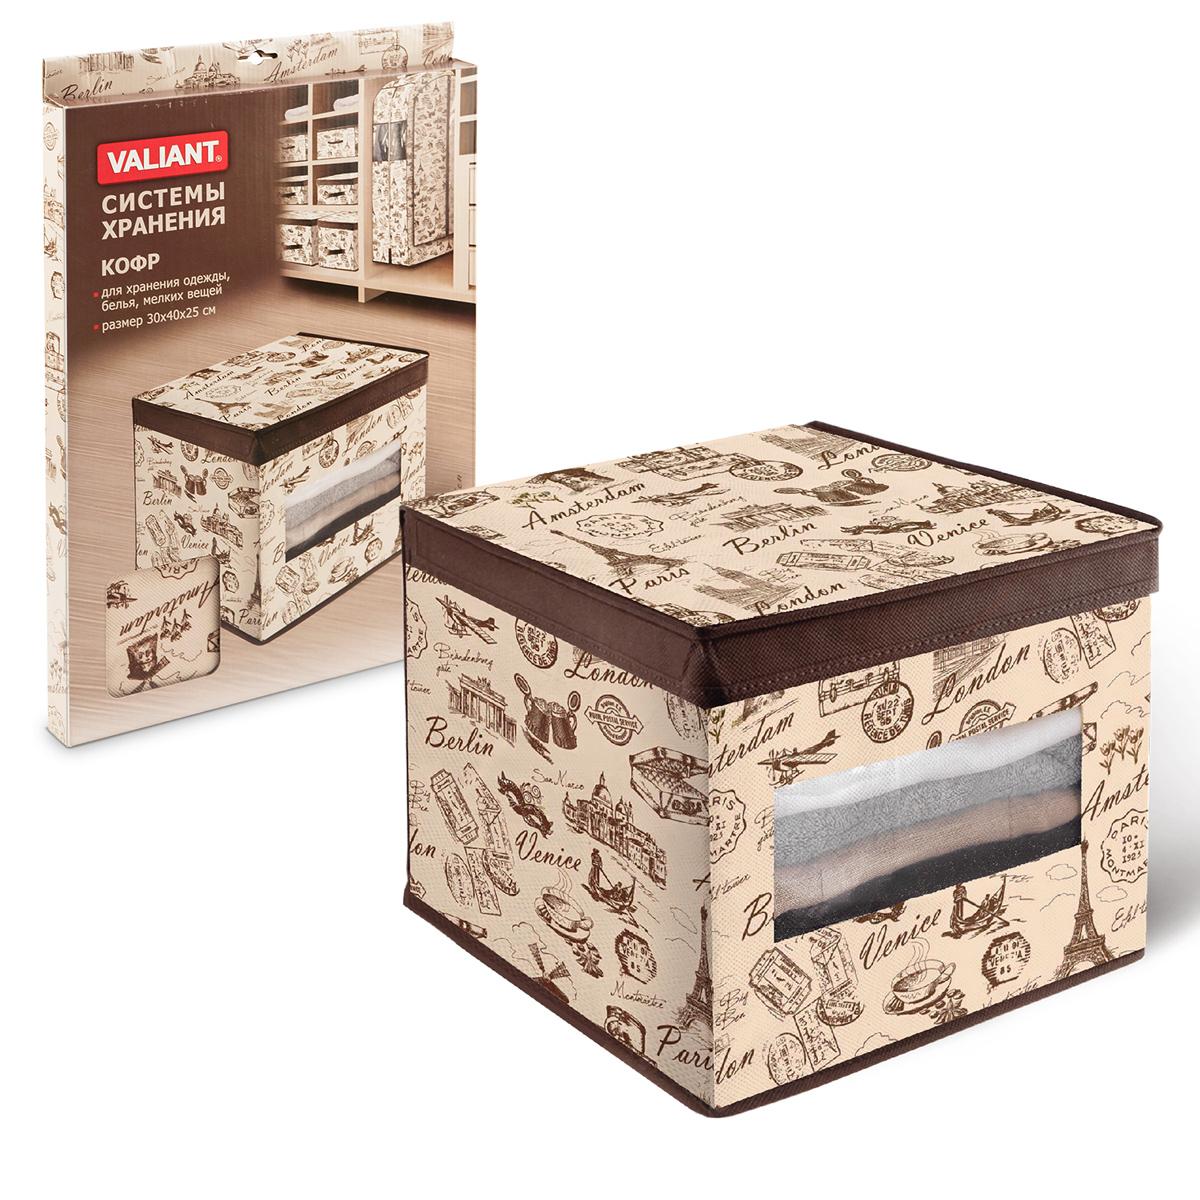 Кофр для хранения Valiant Travelling, с окошком, 30 см х 40 см х 25 смRG-D31SКофр для хранения Valiant Travelling изготовлен из высококачественного нетканого материала (спанбонда), который обеспечивает естественную вентиляцию, позволяя воздуху проникать внутрь, но не пропускает пыль. Вставки из плотного картона хорошо держат форму. Кофр снабжен специальной крышкой, а также прозрачным окошком из ПВХ. Изделие отличается мобильностью: легко раскладывается и складывается. В таком кофре удобно хранить одежду, белье и мелкие аксессуары. Оригинальный дизайн погружает в атмосферу путешествий по разным городам и странам.Системы хранения в едином дизайне сделают вашу гардеробную красивой и невероятно стильной.